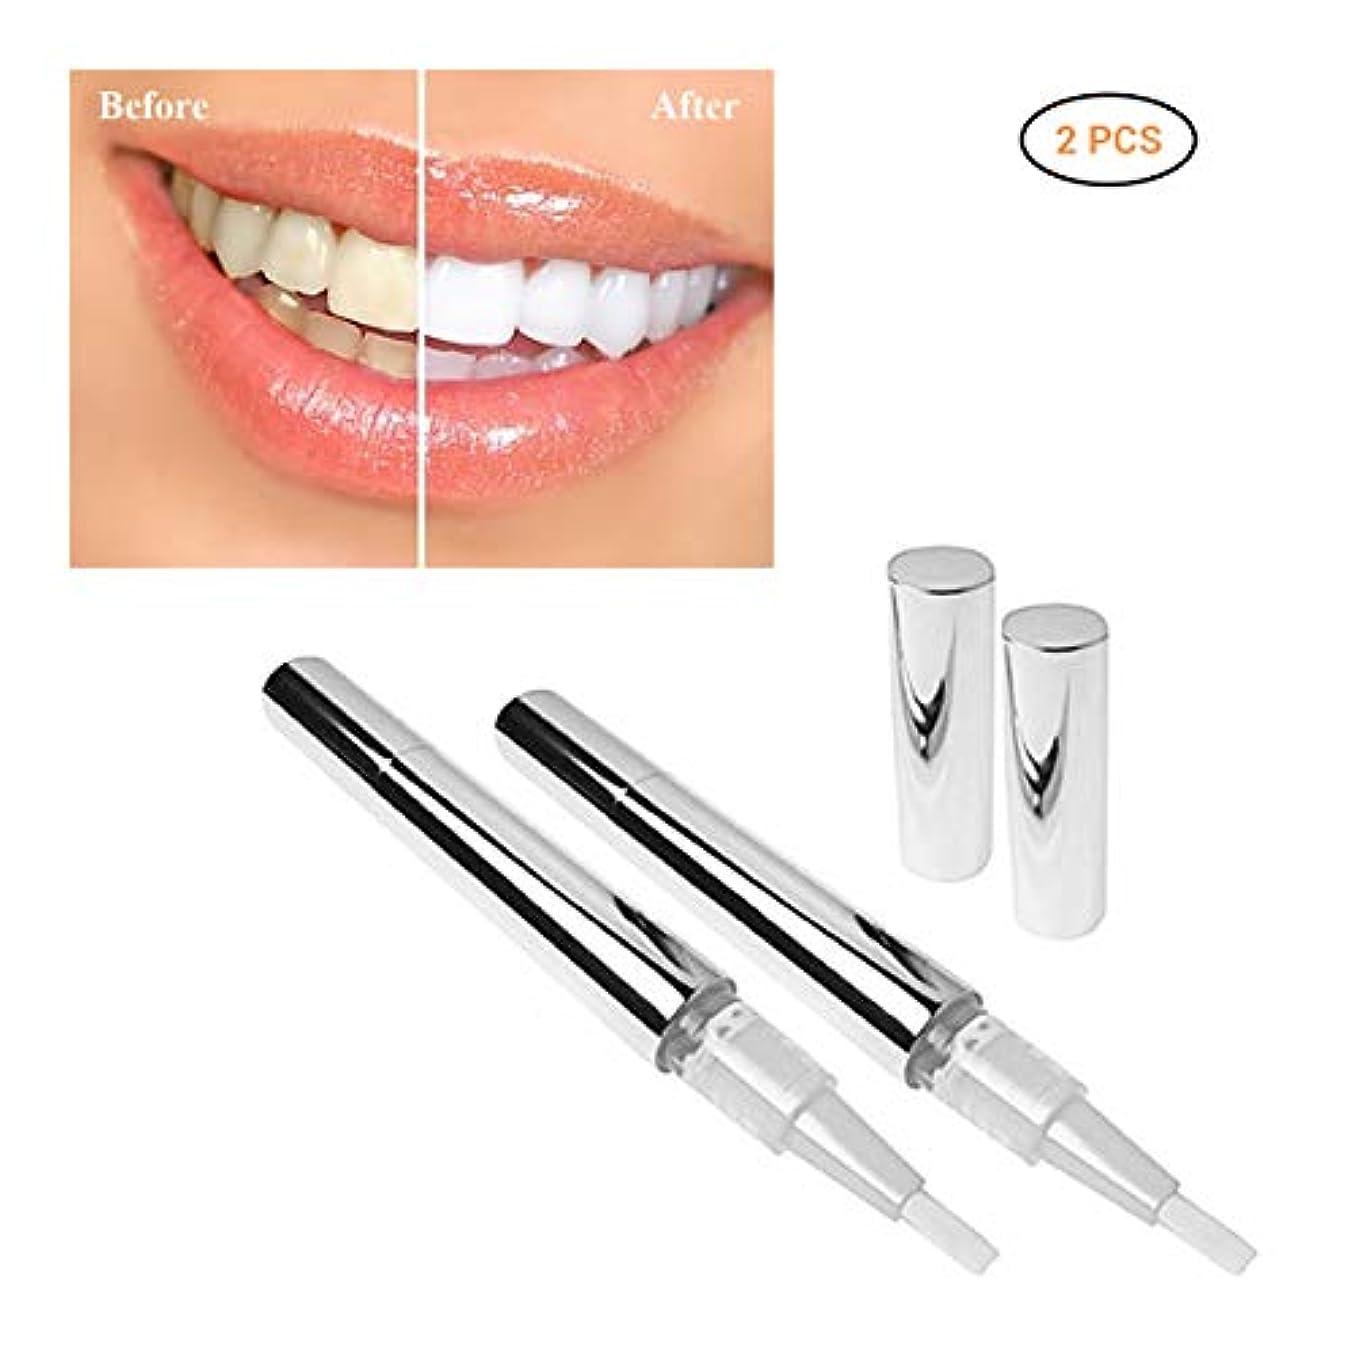 処理する不信矛盾するBTSMAT ペンホワイトニングペン歯のホワイトニングステインイレーサーリムーバー口腔衛生ホワイトニングペン